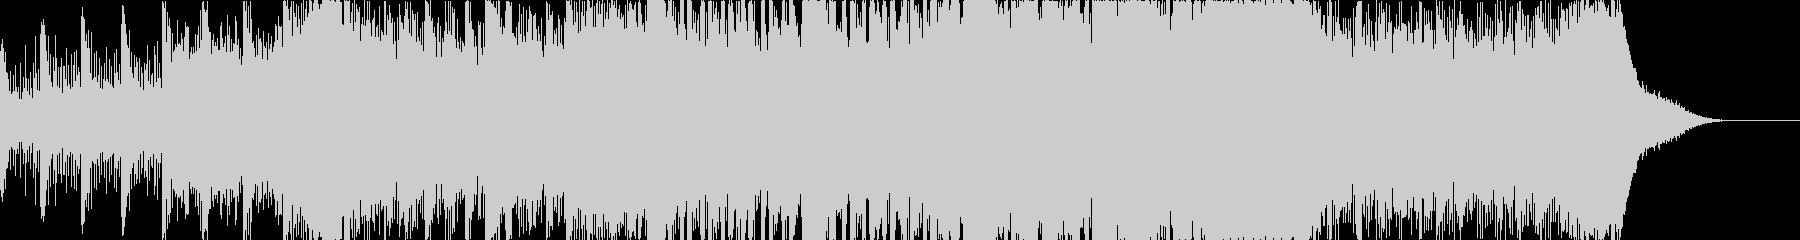 煌びやかな雰囲気のDrum&Bassの未再生の波形